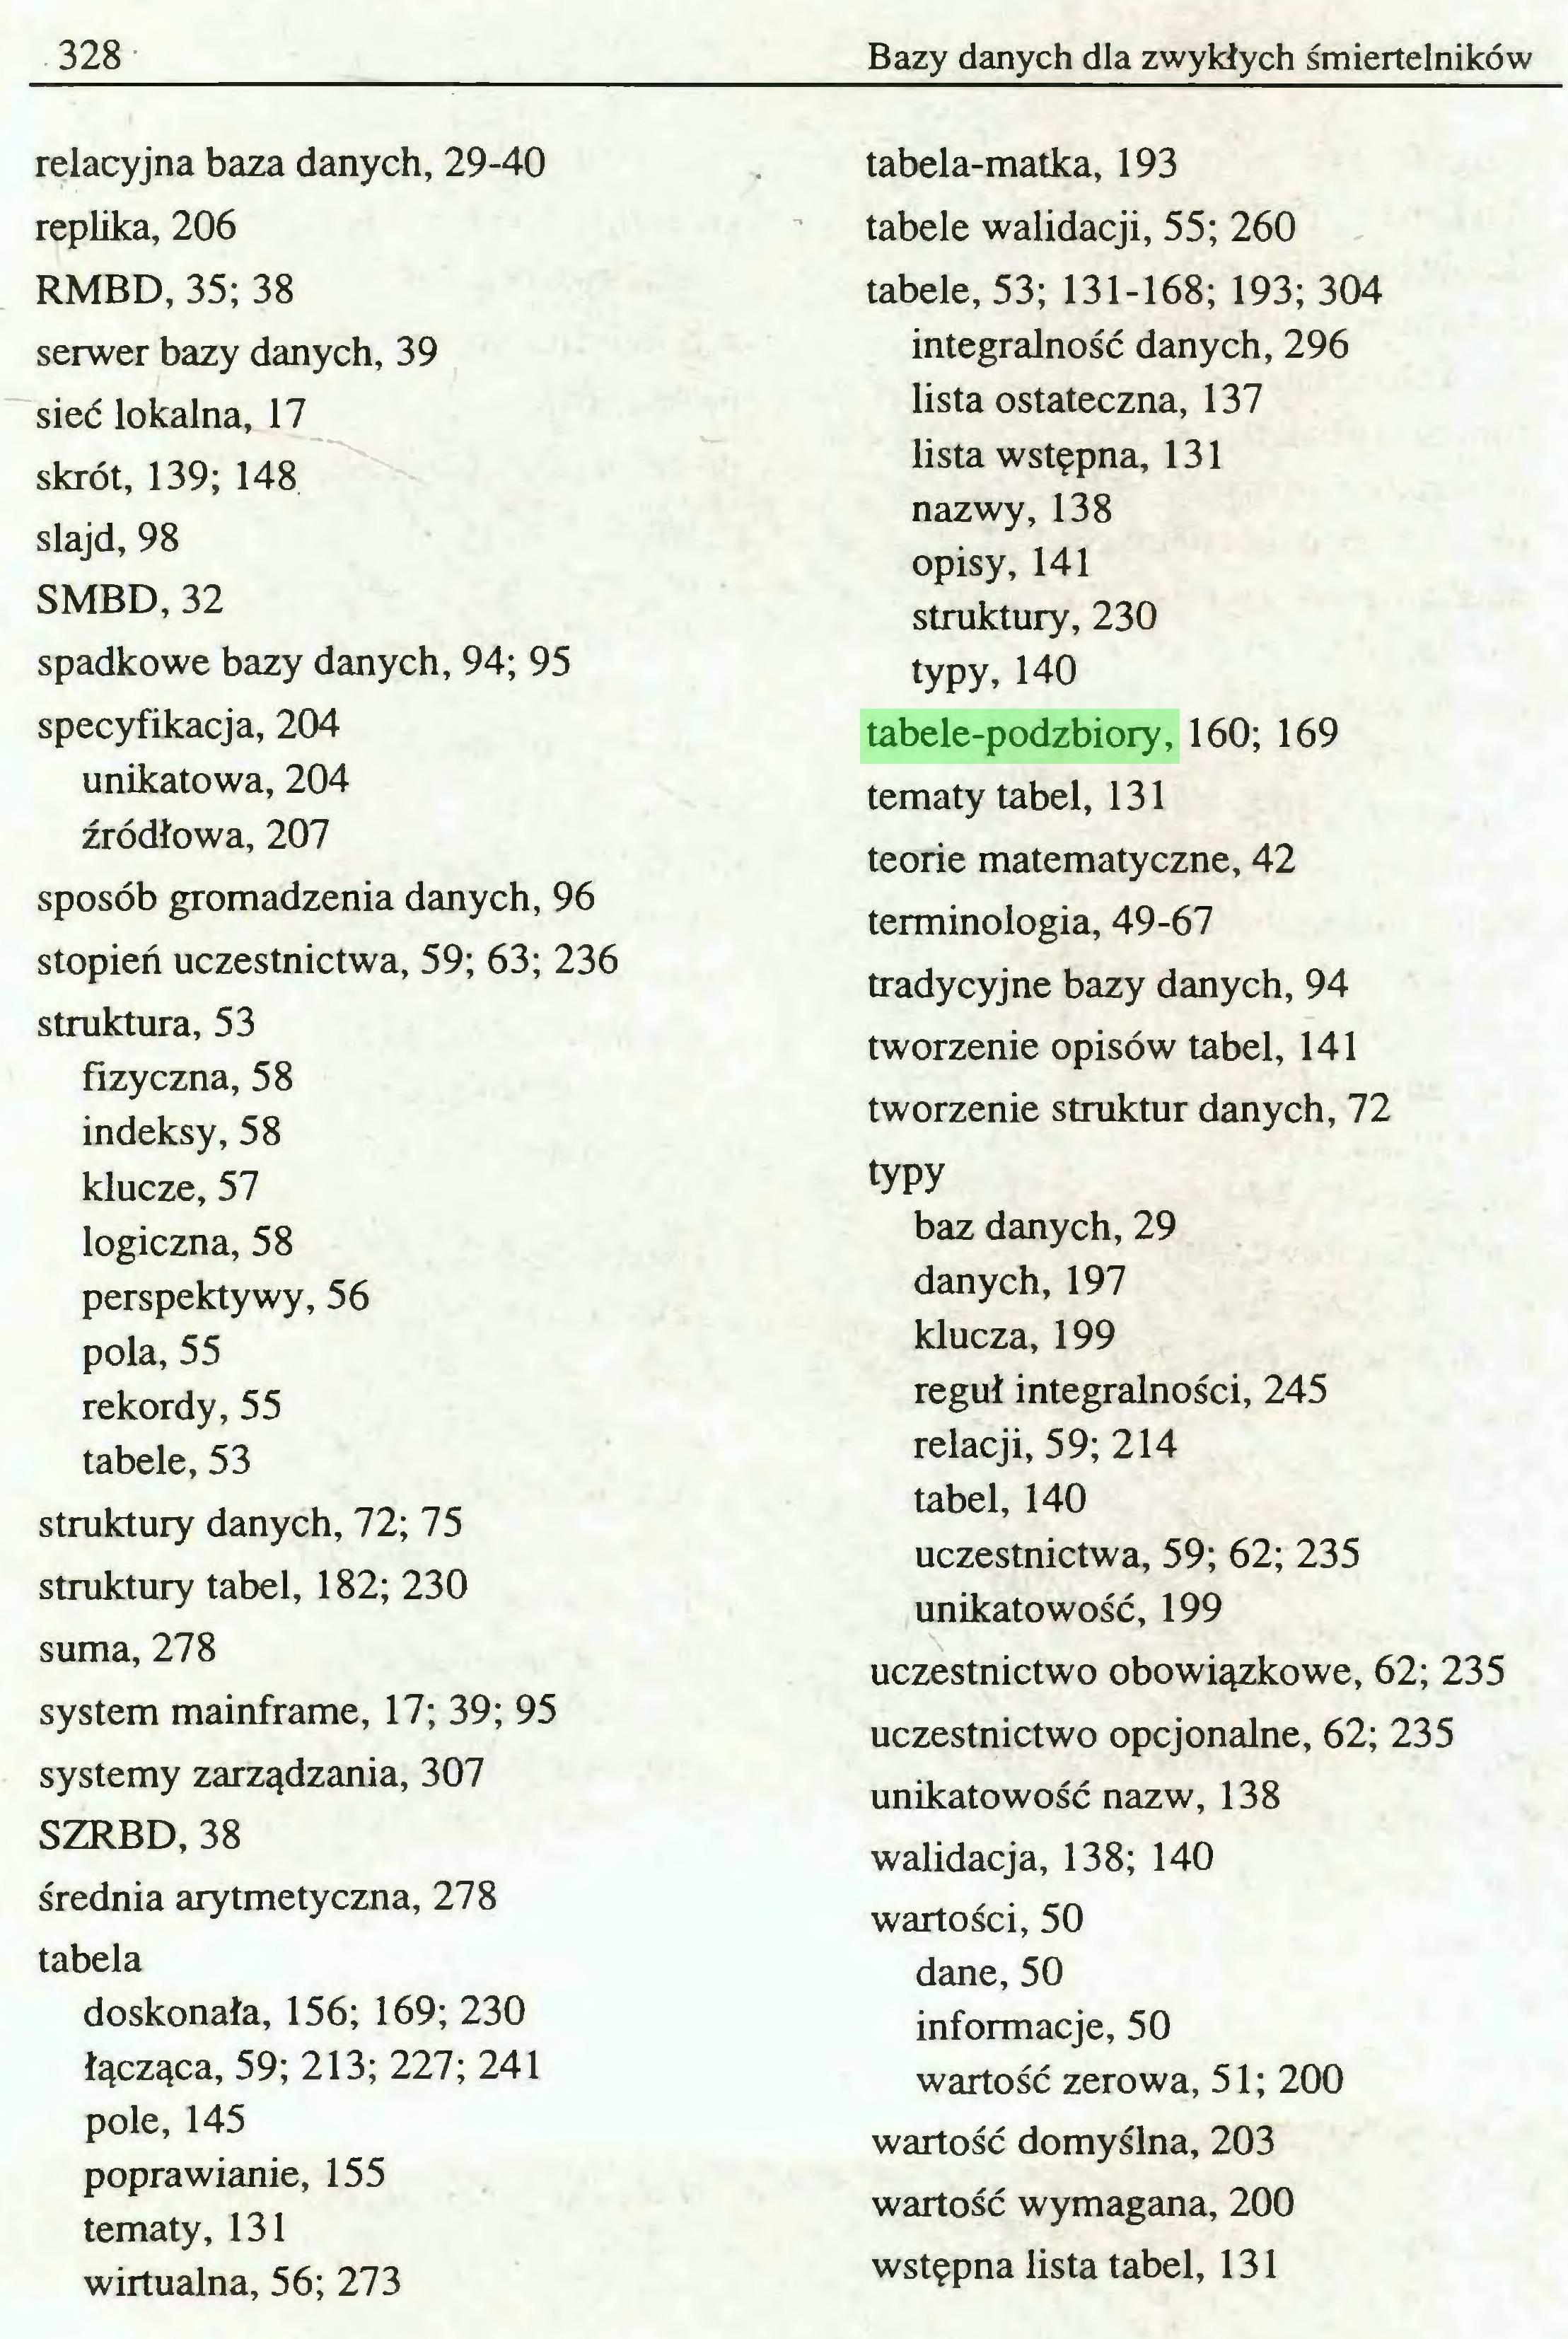 (...) 328 Bazy danych dla zwykłych śmiertelników relacyjna baza danych, 29-40 replika, 206 RMBD, 35; 38 serwer bazy danych, 39 sieć lokalna, 17 skrót, 139; 148 slajd, 98 SMBD, 32 spadkowe bazy danych, 94; 95 specyfikacja, 204 unikatowa, 204 źródłowa, 207 sposób gromadzenia danych, 96 stopień uczestnictwa, 59; 63; 236 struktura, 53 fizyczna, 58 indeksy, 58 klucze, 57 logiczna, 58 perspektywy, 56 pola, 55 rekordy, 55 tabele, 53 struktury danych, 72; 75 struktury tabel, 182; 230 suma, 278 system mainframe, 17; 39; 95 systemy zarządzania, 307 SZRBD, 38 średnia arytmetyczna, 278 tabela doskonała, 156; 169; 230 łącząca, 59; 213; 227; 241 pole, 145 poprawianie, 155 tematy, 131 wirtualna, 56; 273 tabela-matka, 193 tabele walidacji, 55; 260 tabele, 53; 131-168; 193; 304 integralność danych, 296 lista ostateczna, 137 lista wstępna, 131 nazwy, 138 opisy, 141 struktury, 230 typy, 140 tabele-podzbiory, 160; 169 tematy tabel, 131 teorie matematyczne, 42 terminologia, 49-67 tradycyjne bazy danych, 94 tworzenie opisów tabel, 141 tworzenie struktur danych, 72 typy baz danych, 29 danych, 197 klucza, 199 reguł integralności, 245 relacji, 59; 214 tabel, 140 uczestnictwa, 59; 62; 235 unikatowość, 199 uczestnictwo obowiązkowe, 62; 235 uczestnictwo opcjonalne, 62; 235 unikatowość nazw, 138 walidacja, 138; 140 wartości, 50 dane, 50 informacje, 50 wartość zerowa, 51; 200 wartość domyślna, 203 wartość wymagana, 200 wstępna lista tabel, 131...